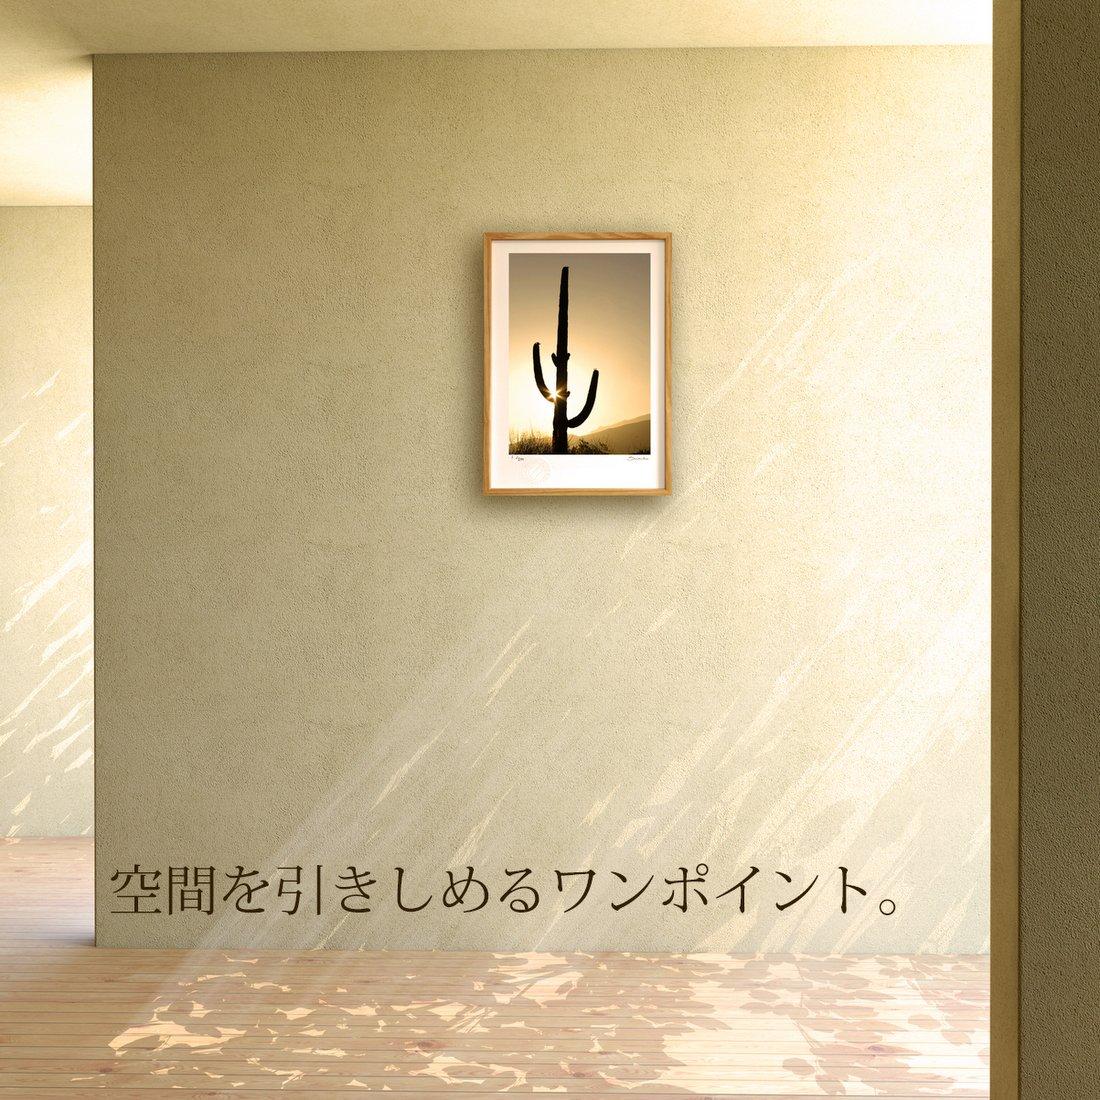 【版画 絵画】朝日に光るサワロサボテン(スミコ スコット)/インテリア 壁掛け 額入り アート アートパネル アートフレーム